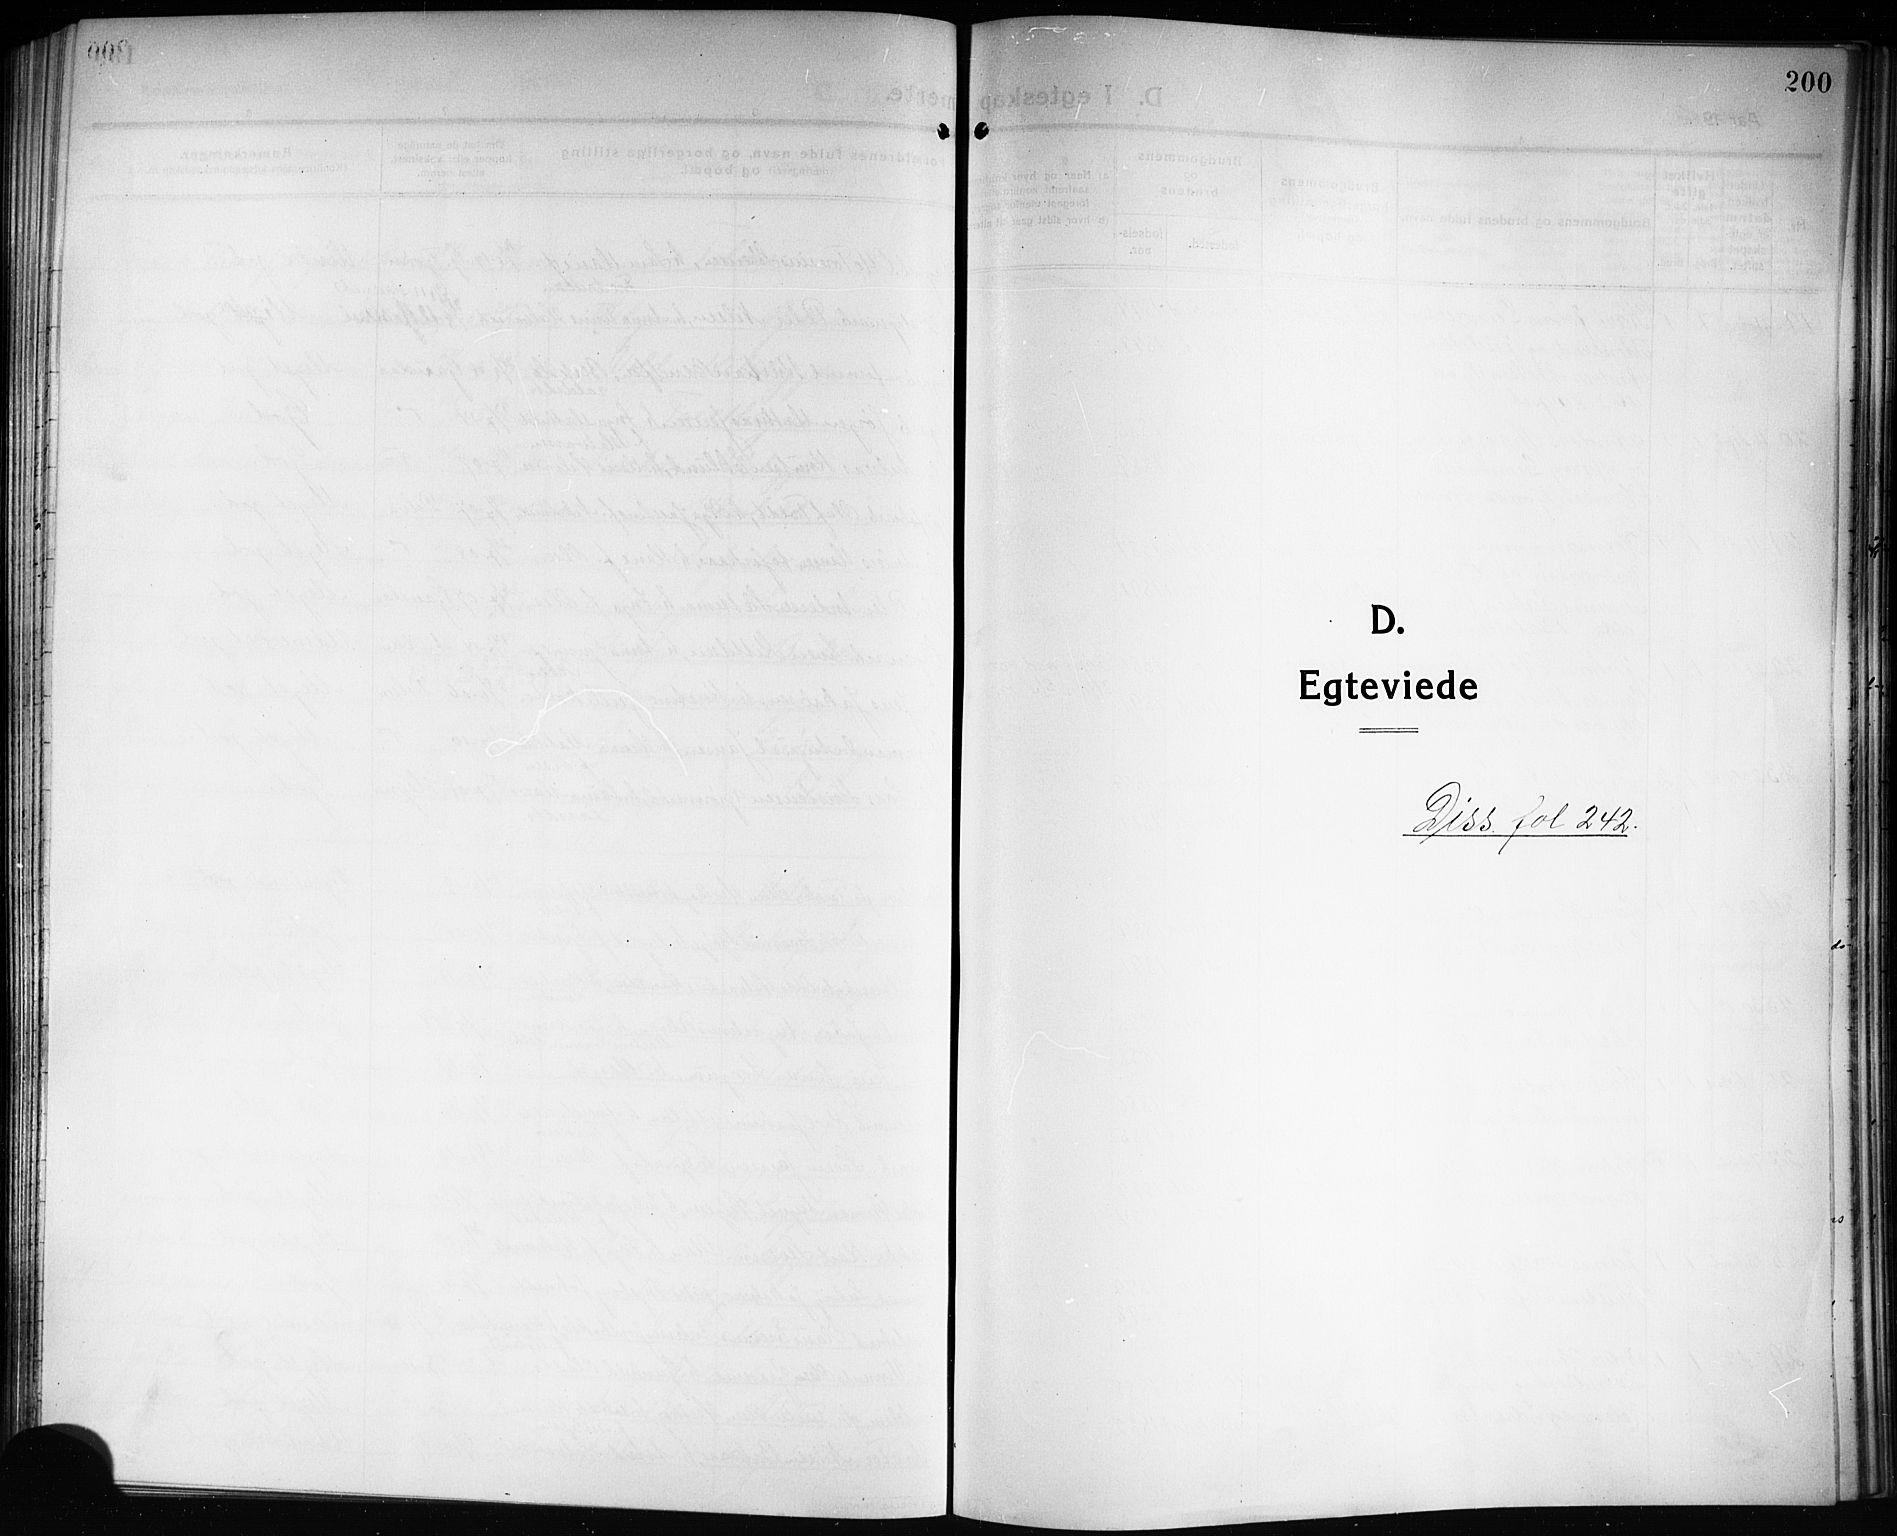 SAKO, Solum kirkebøker, G/Ga/L0009: Klokkerbok nr. I 9, 1909-1922, s. 200